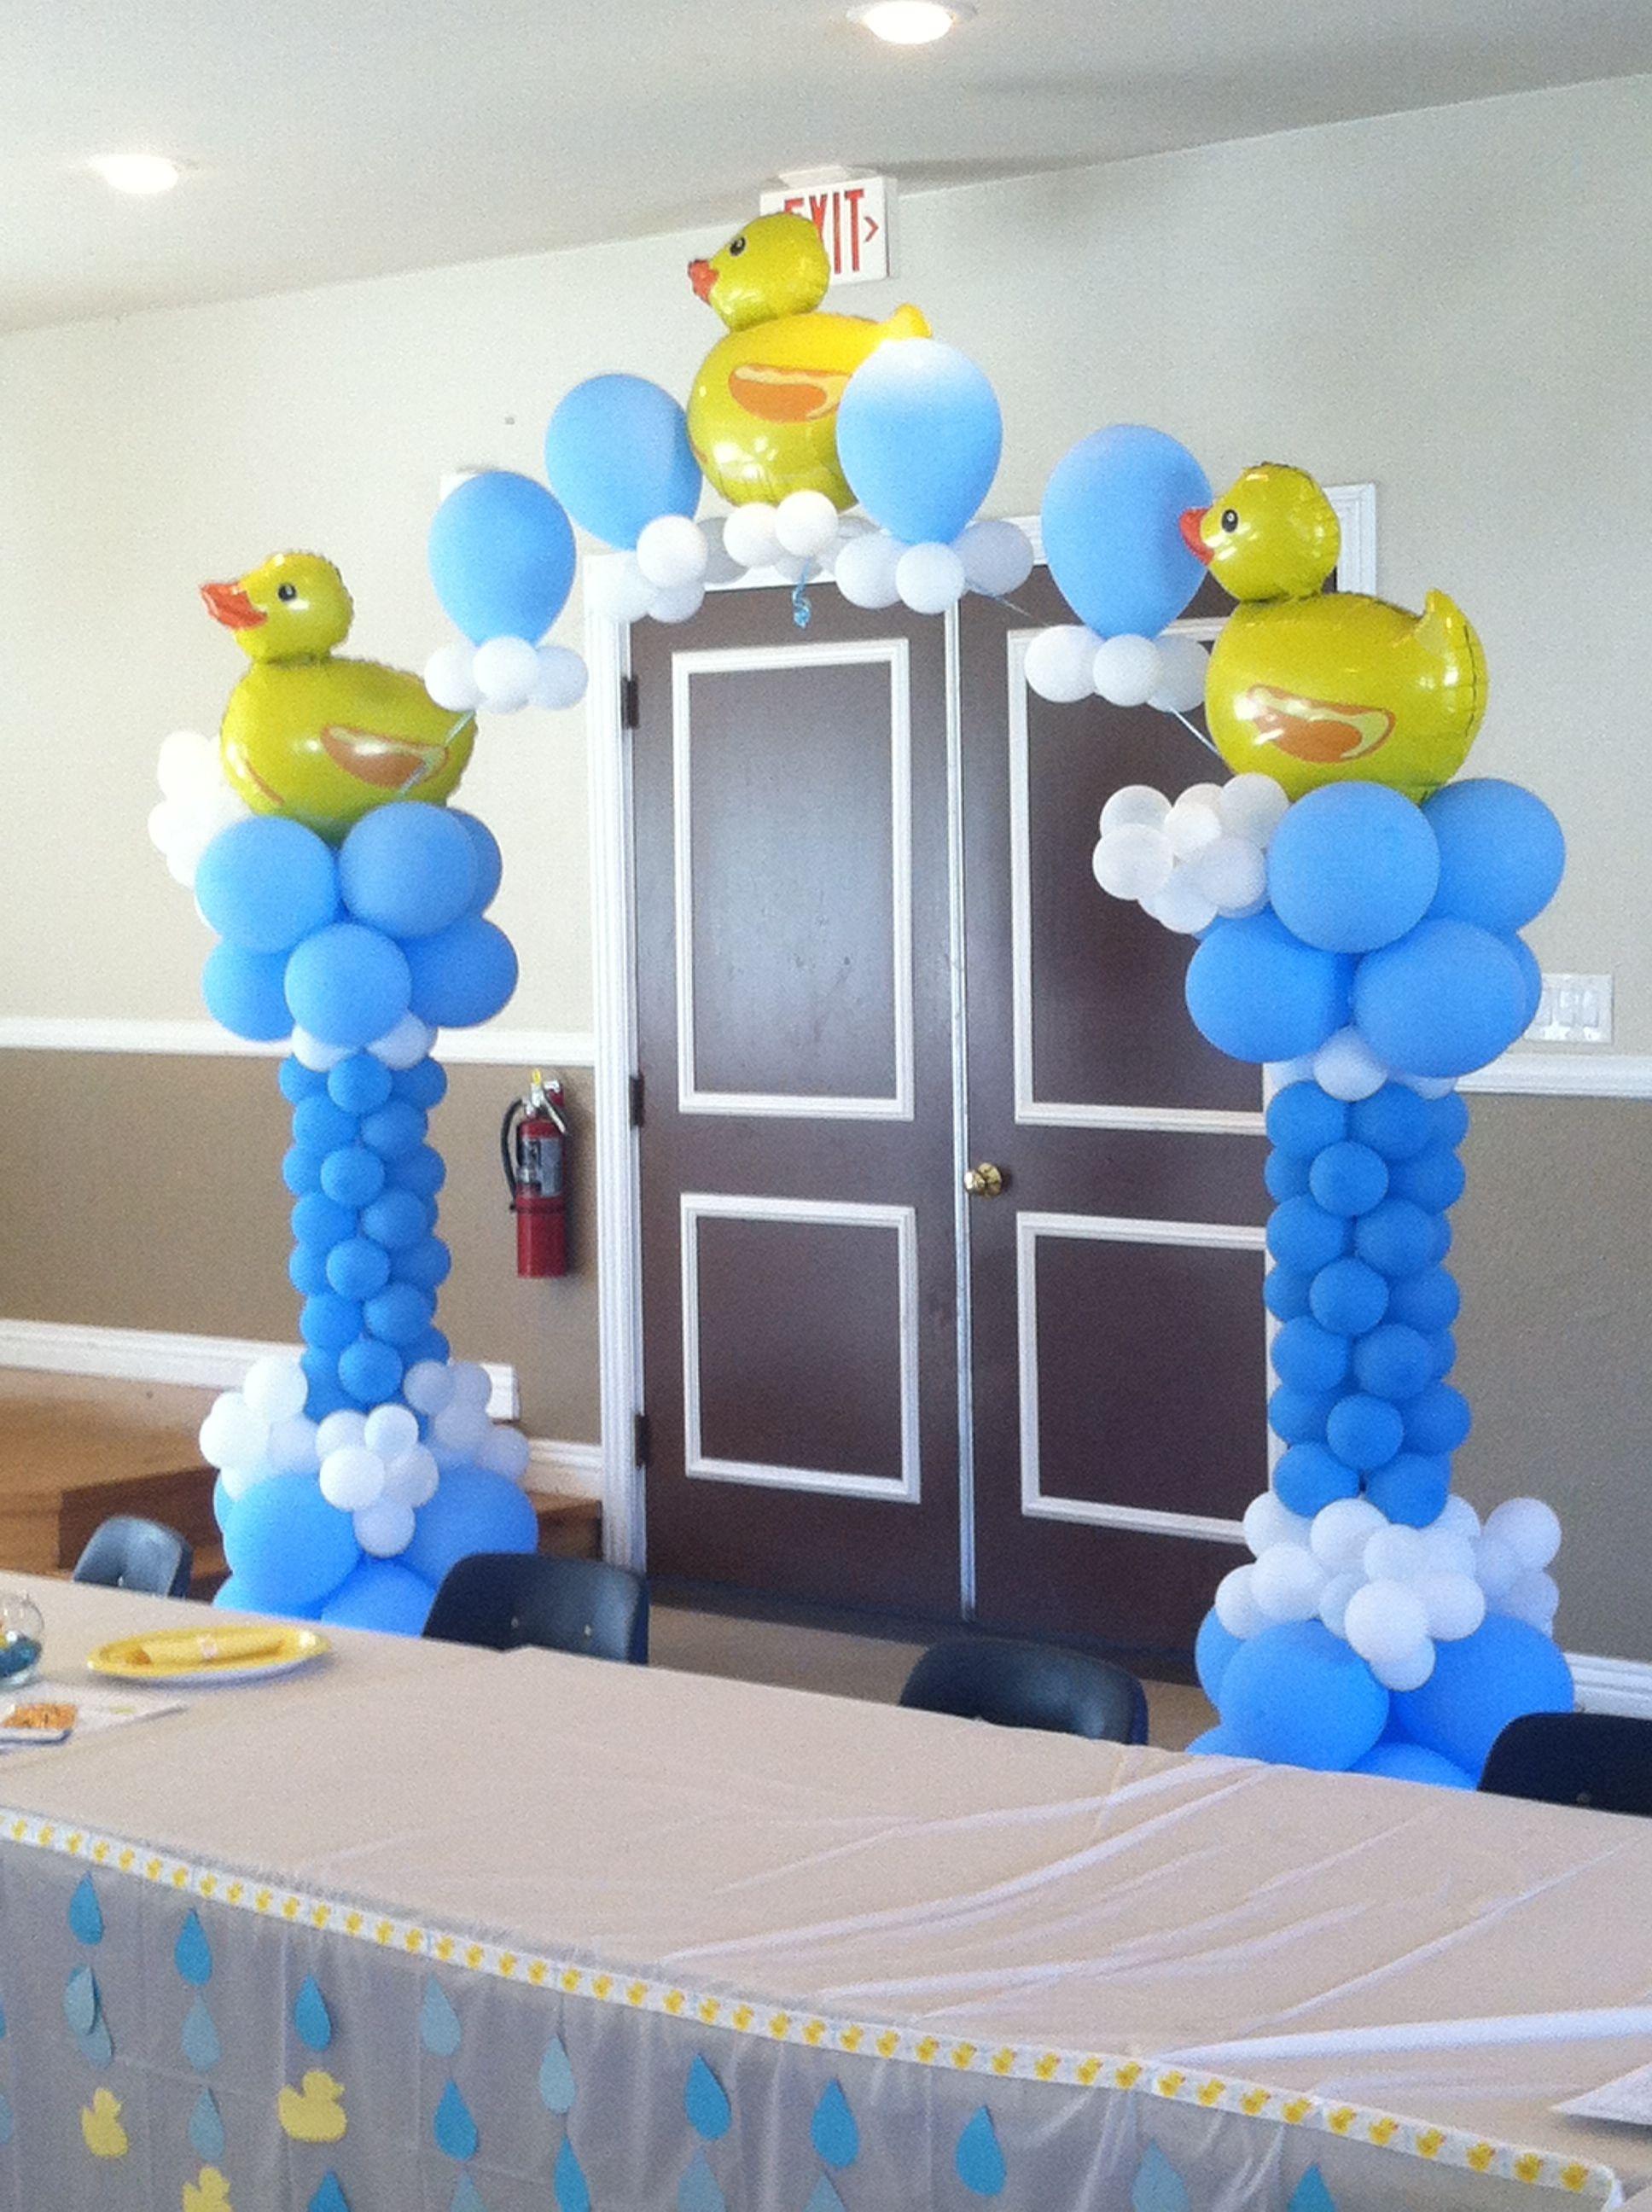 Rubber duck balloon decor Columns Pinterest